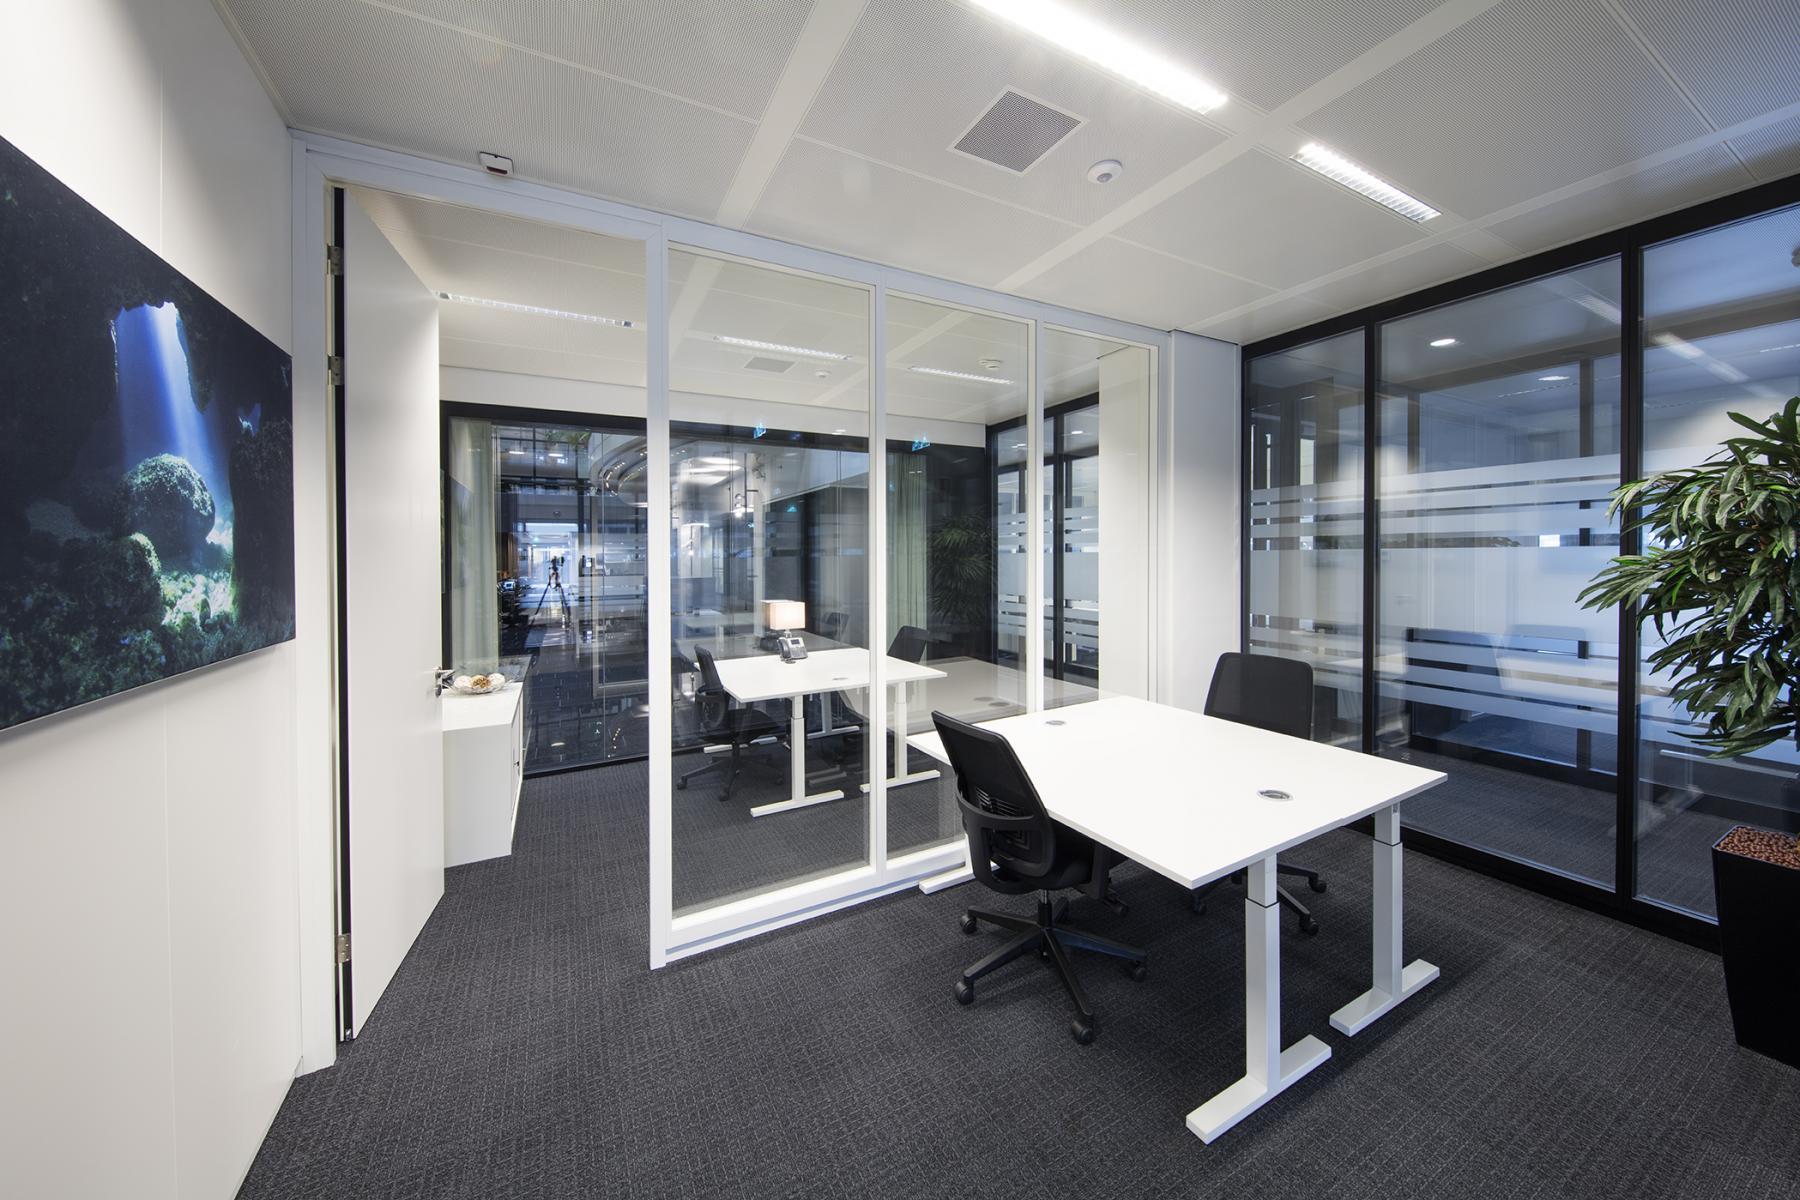 kantoorruimte kantoorkamer werkplek kantoorpand Amsterdam